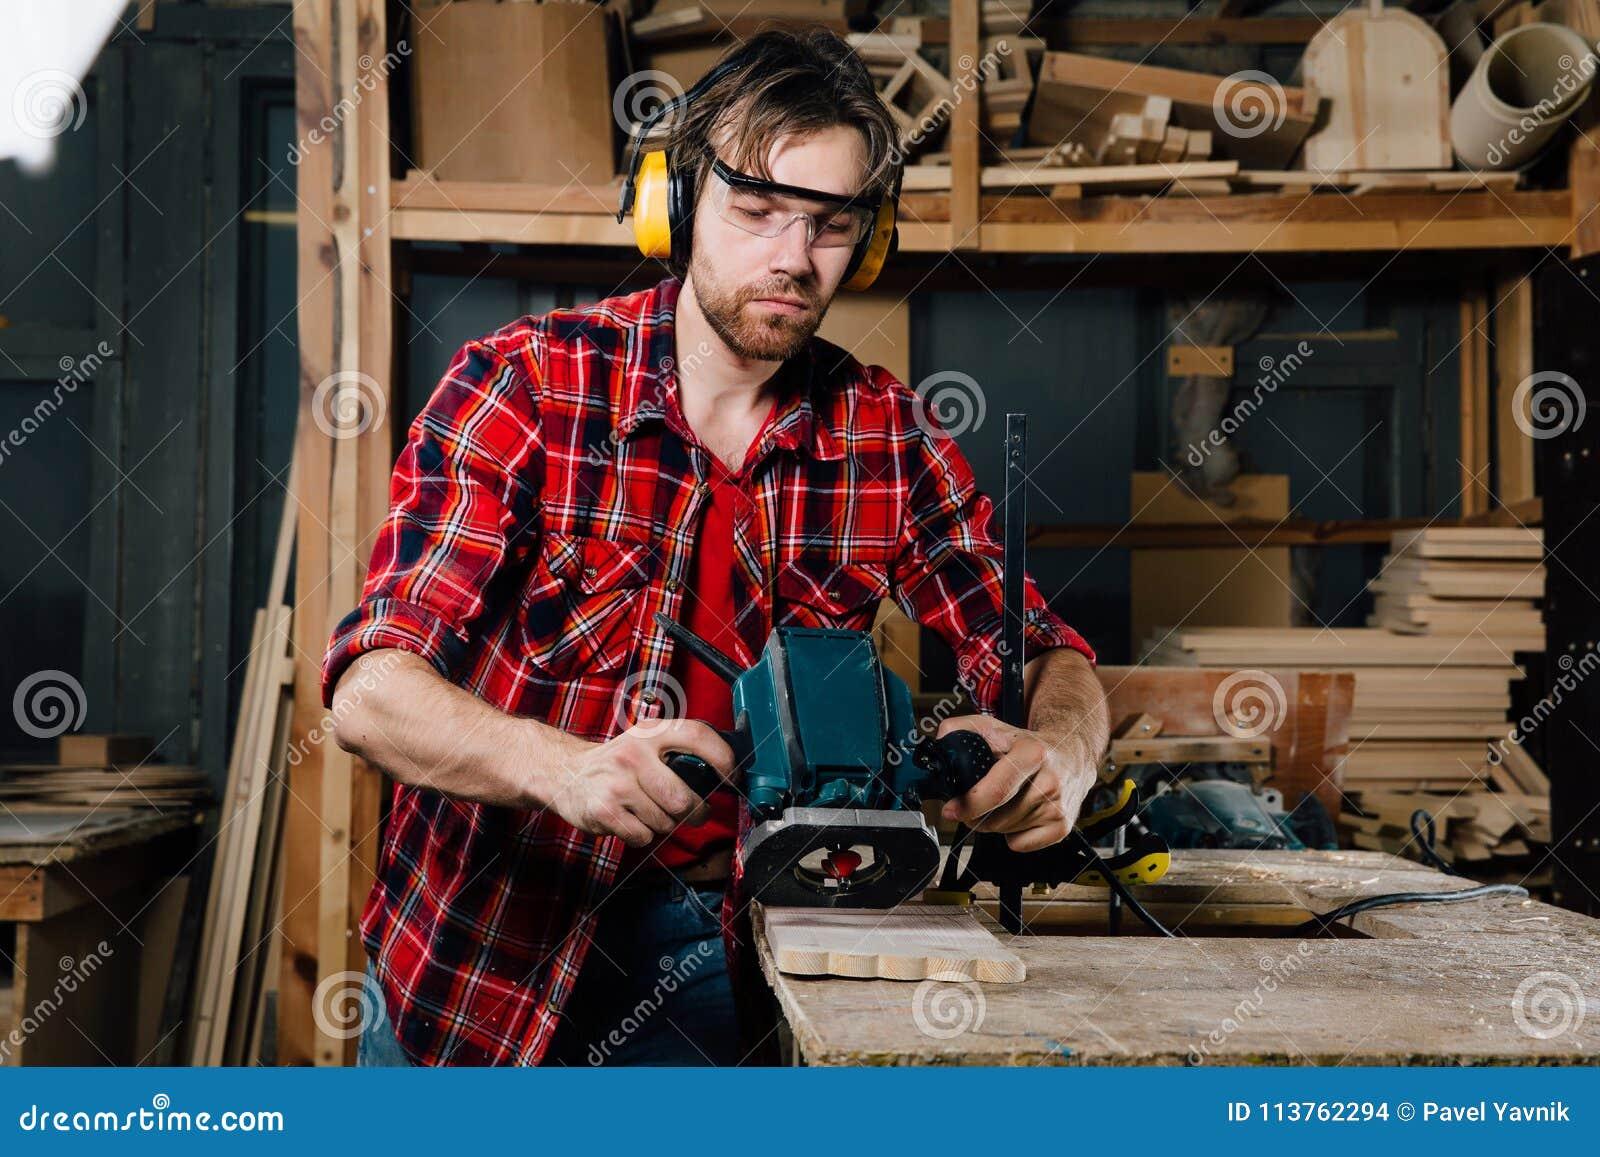 Tischlerfunktion der manuelle Handfräsmaschine in der Zimmereiwerkstatt schreiner